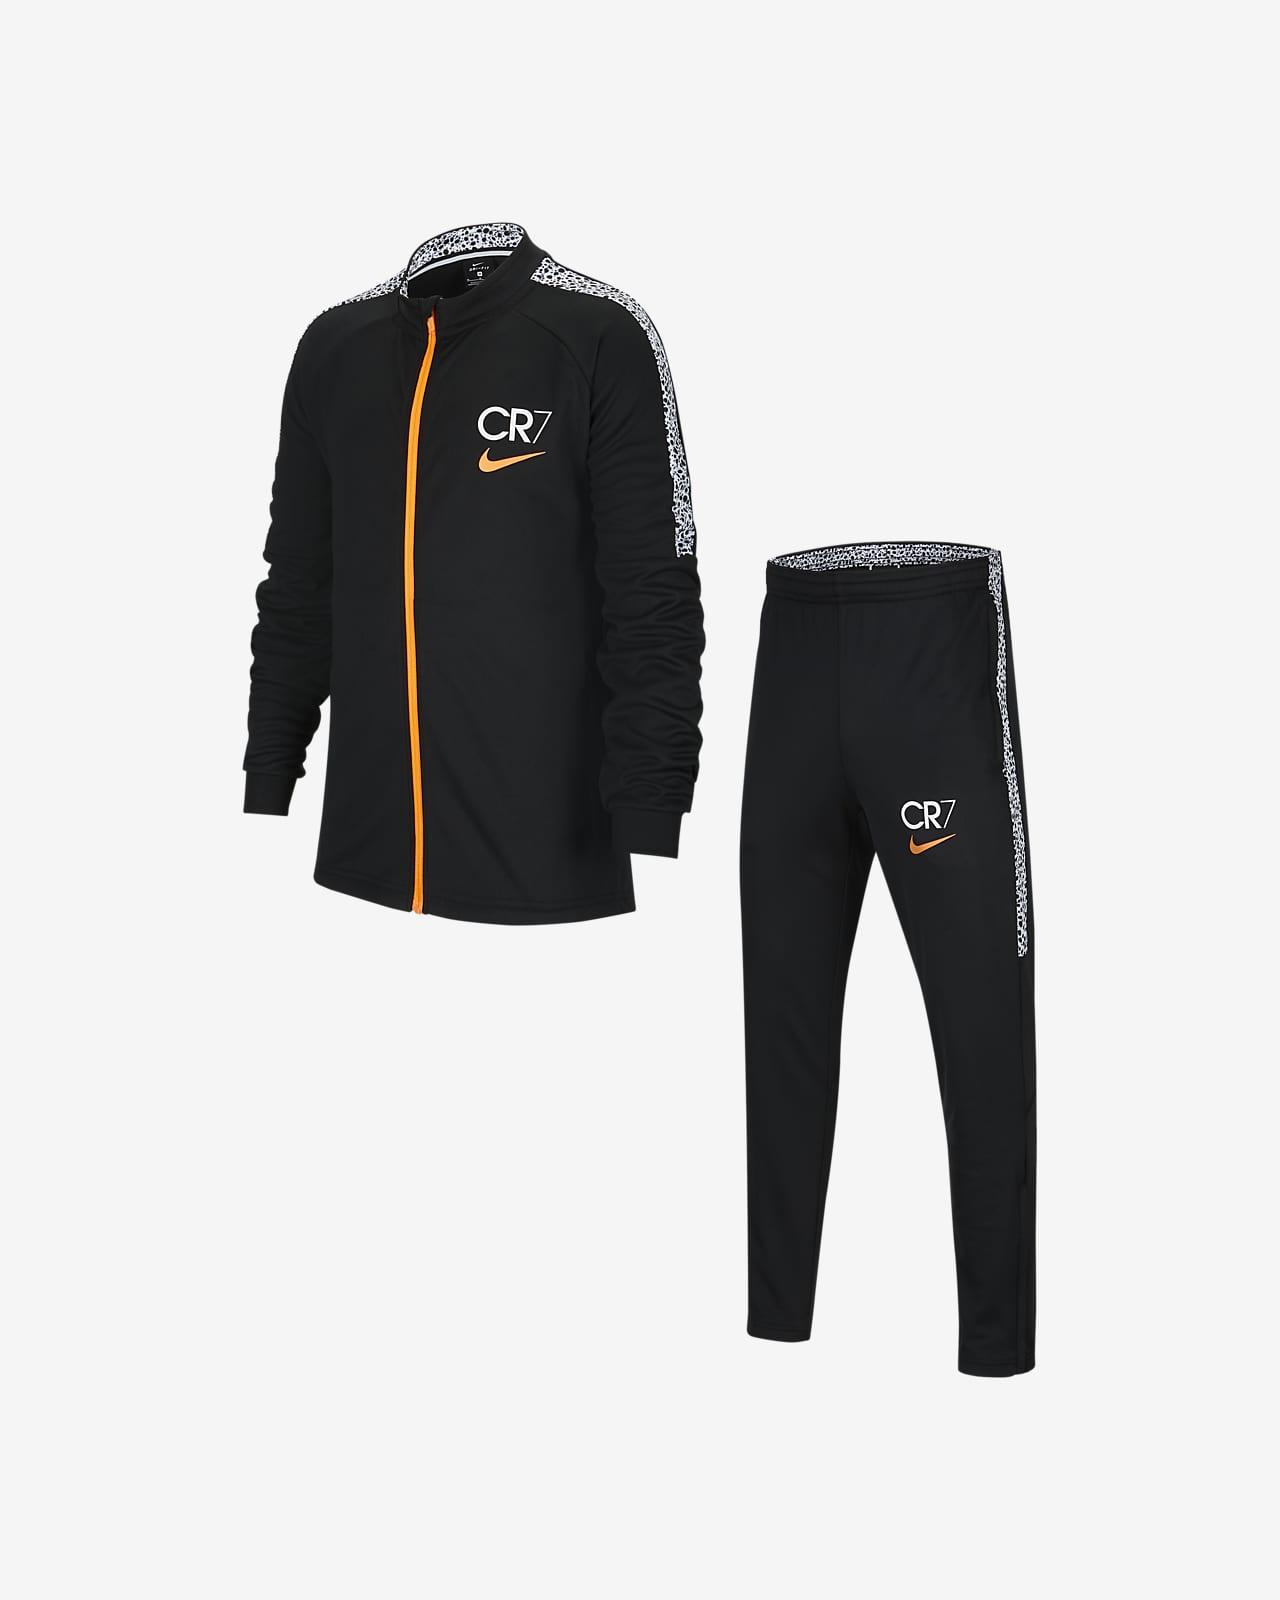 Conjunto de entrenamiento de fútbol tejido para niños talla grande Nike Dri-FIT CR7